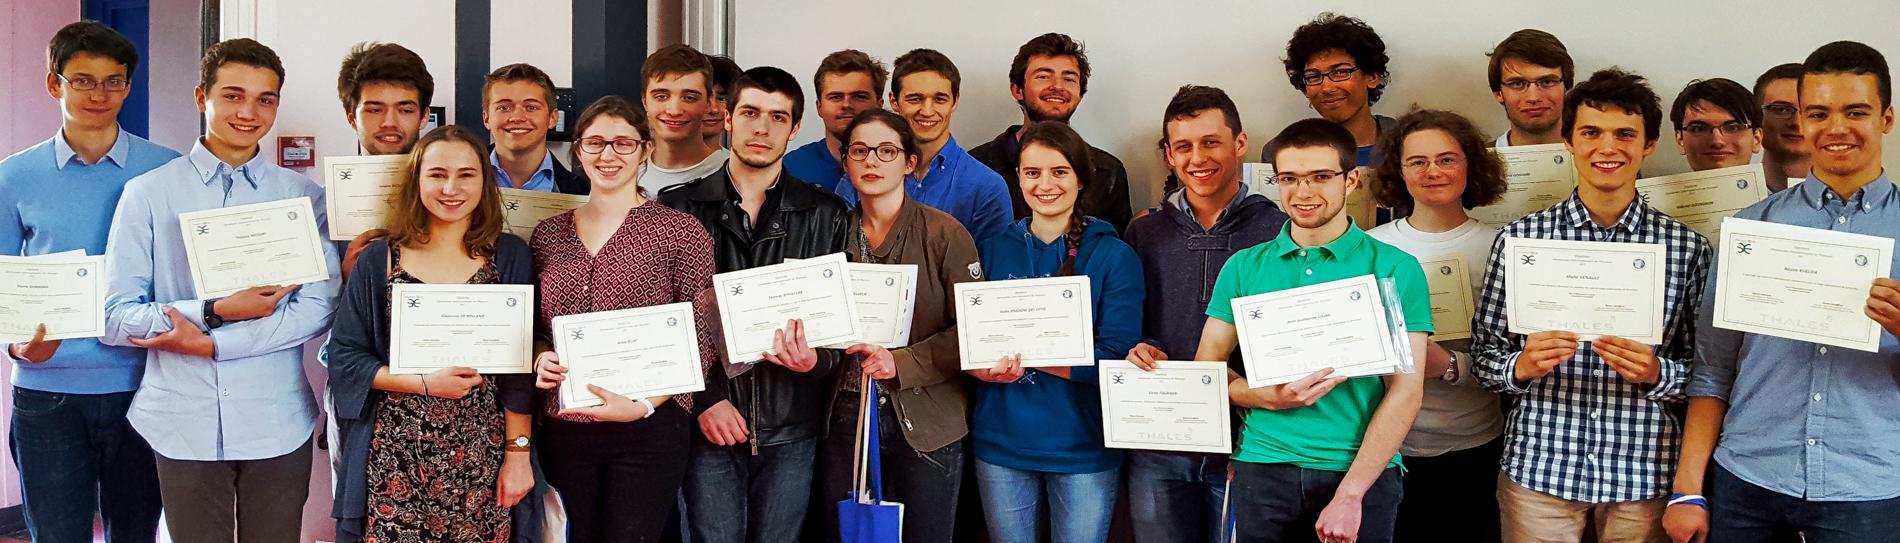 Remise des diplômes aux participants au stage de l'ENS